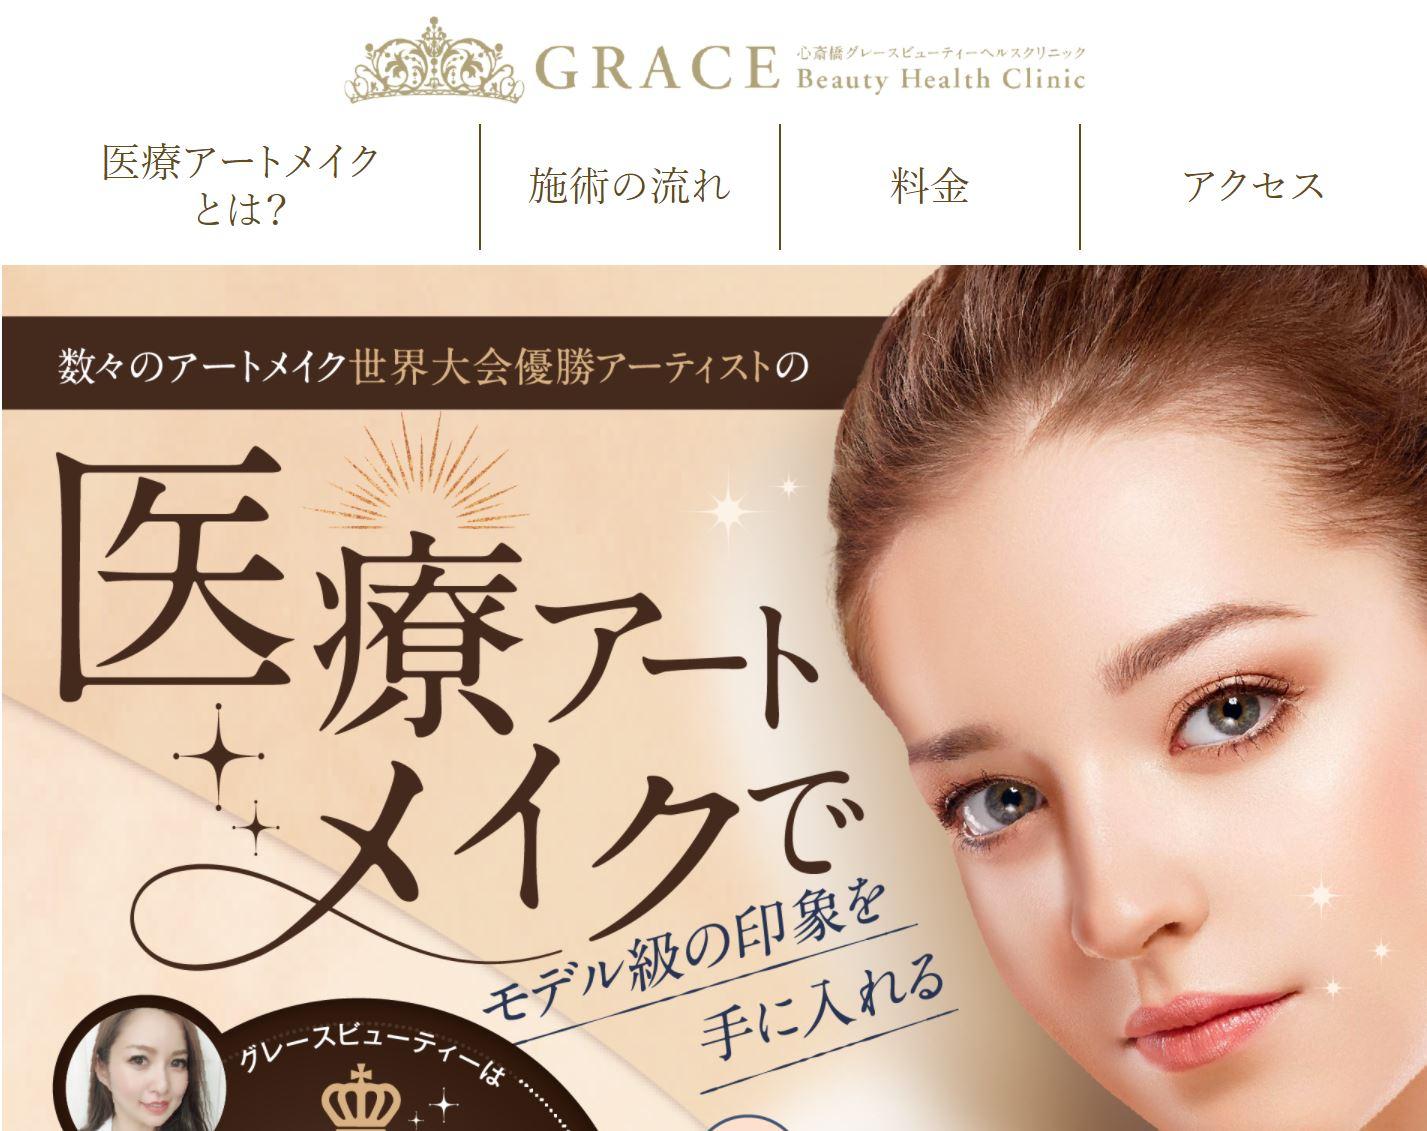 心斎橋グレースビューティーヘルスクリニック